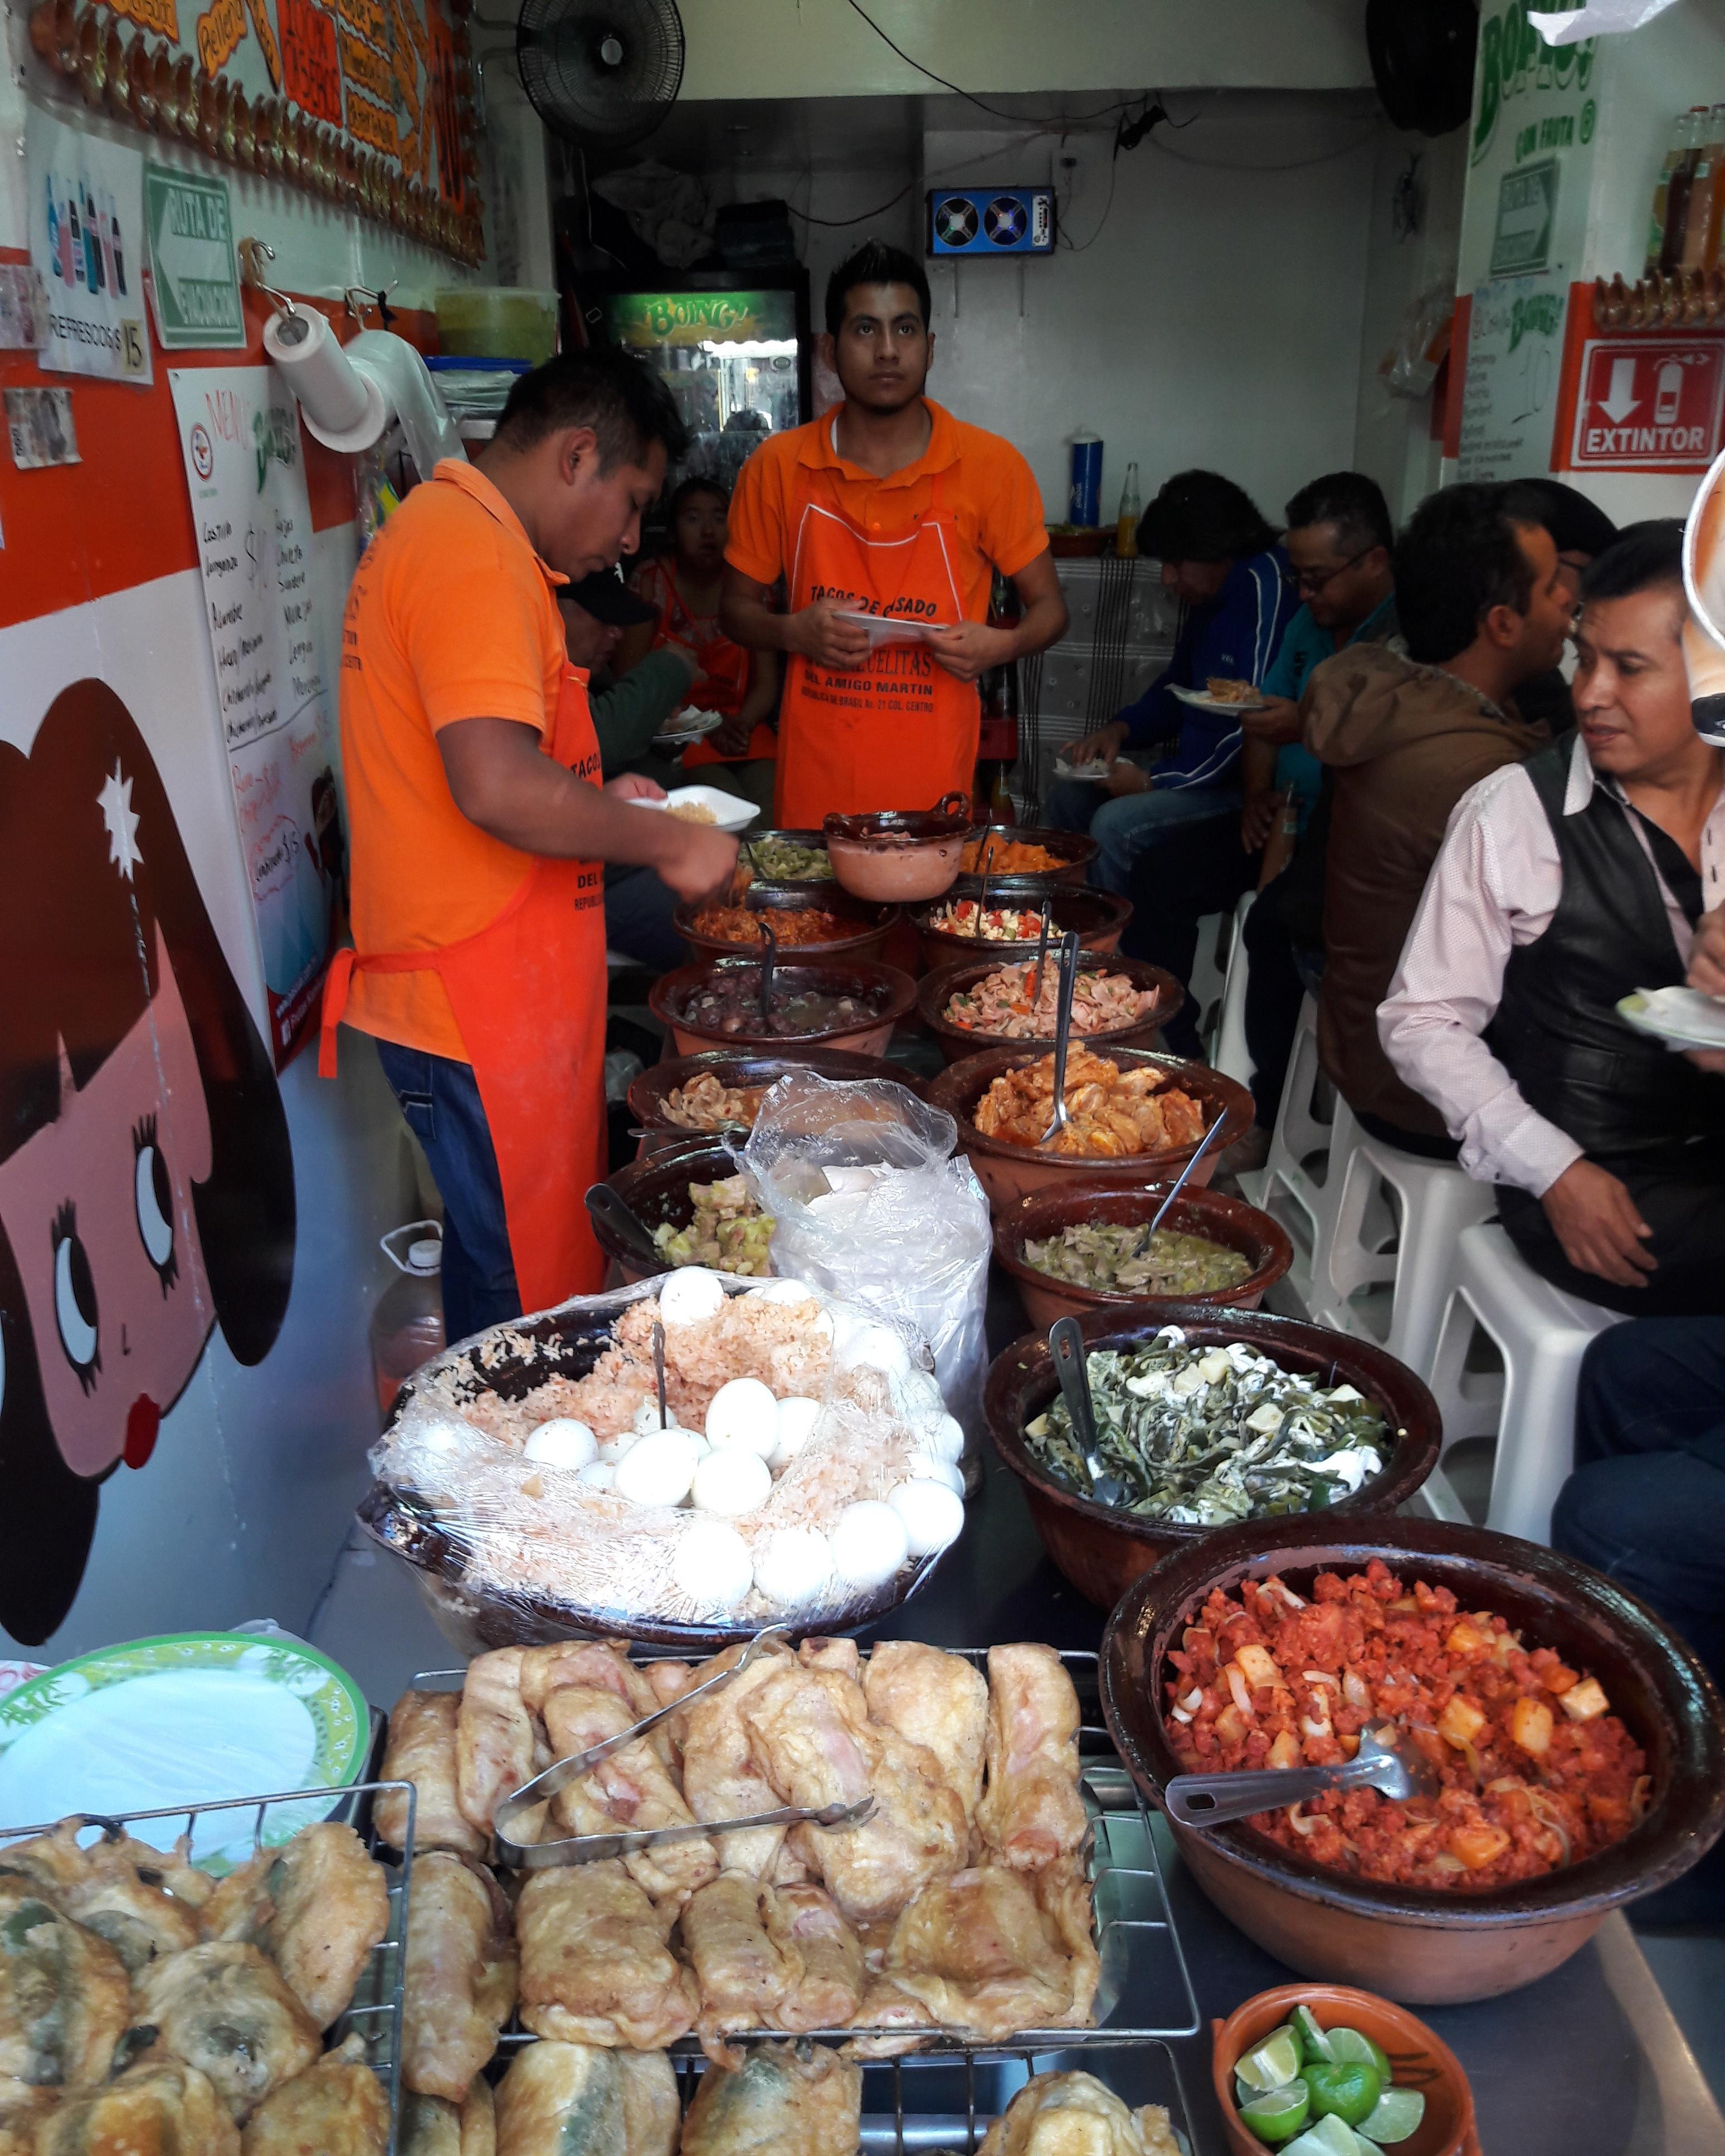 Tacos de Guisado en Ciudad de Mexico